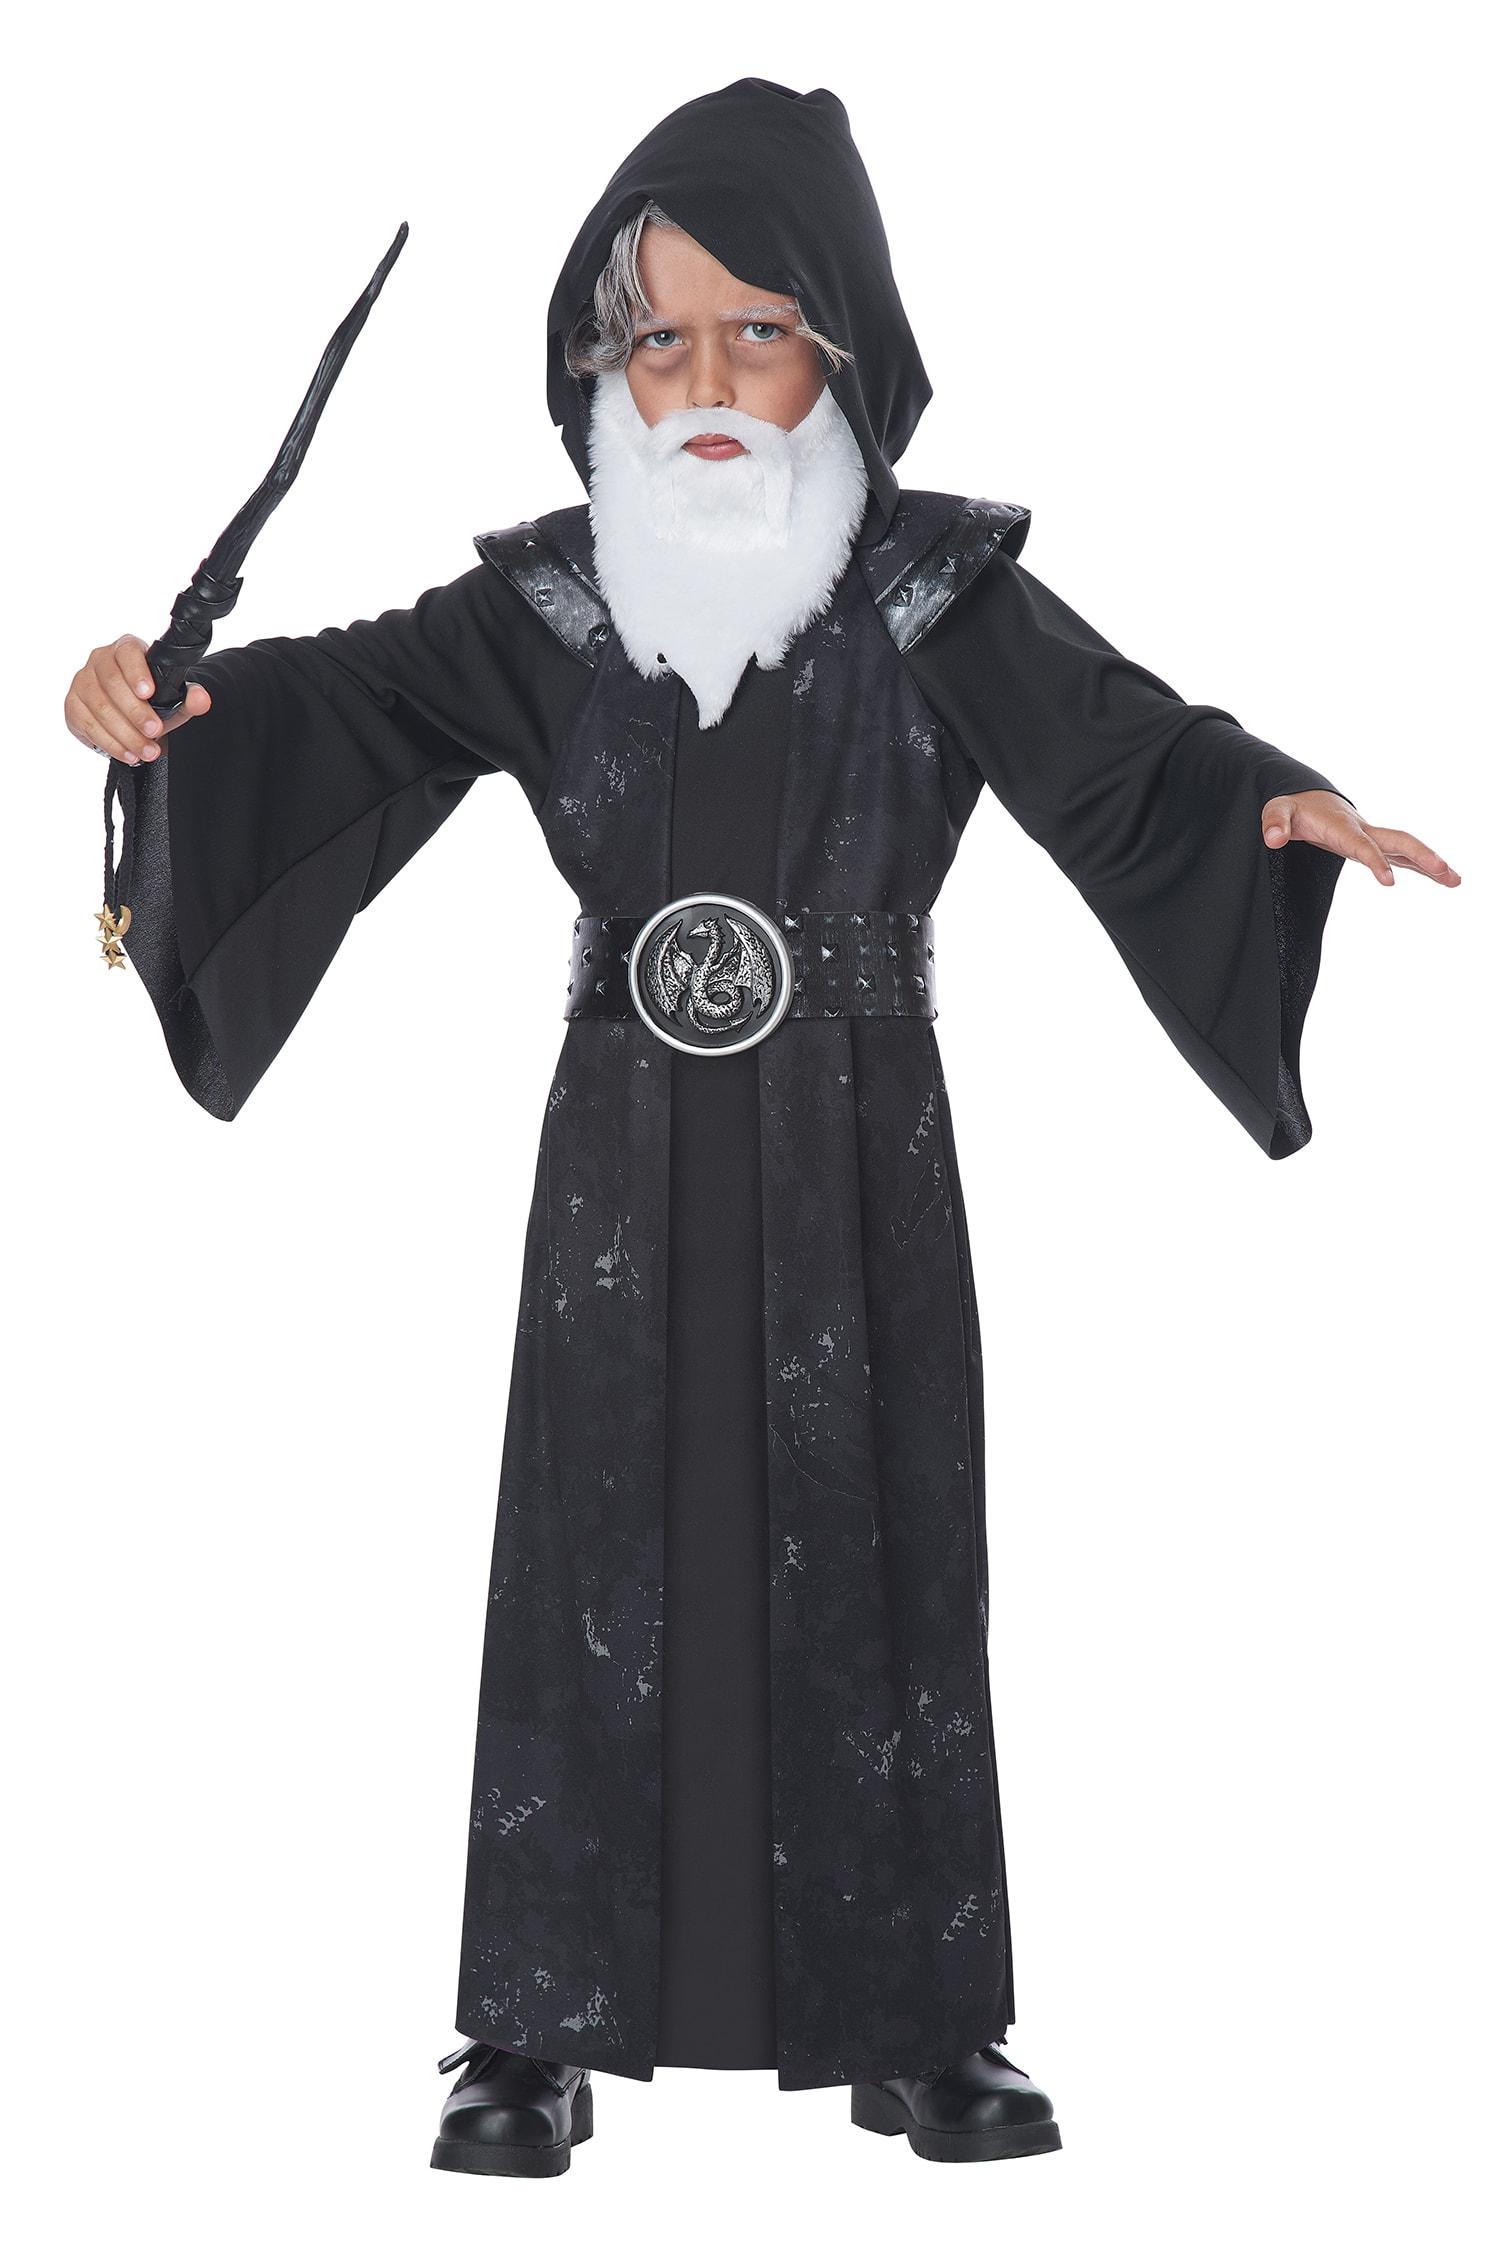 K00186, Костюм California Costumes Могущественный Колдун Детский M (3-4 года),  - купить со скидкой